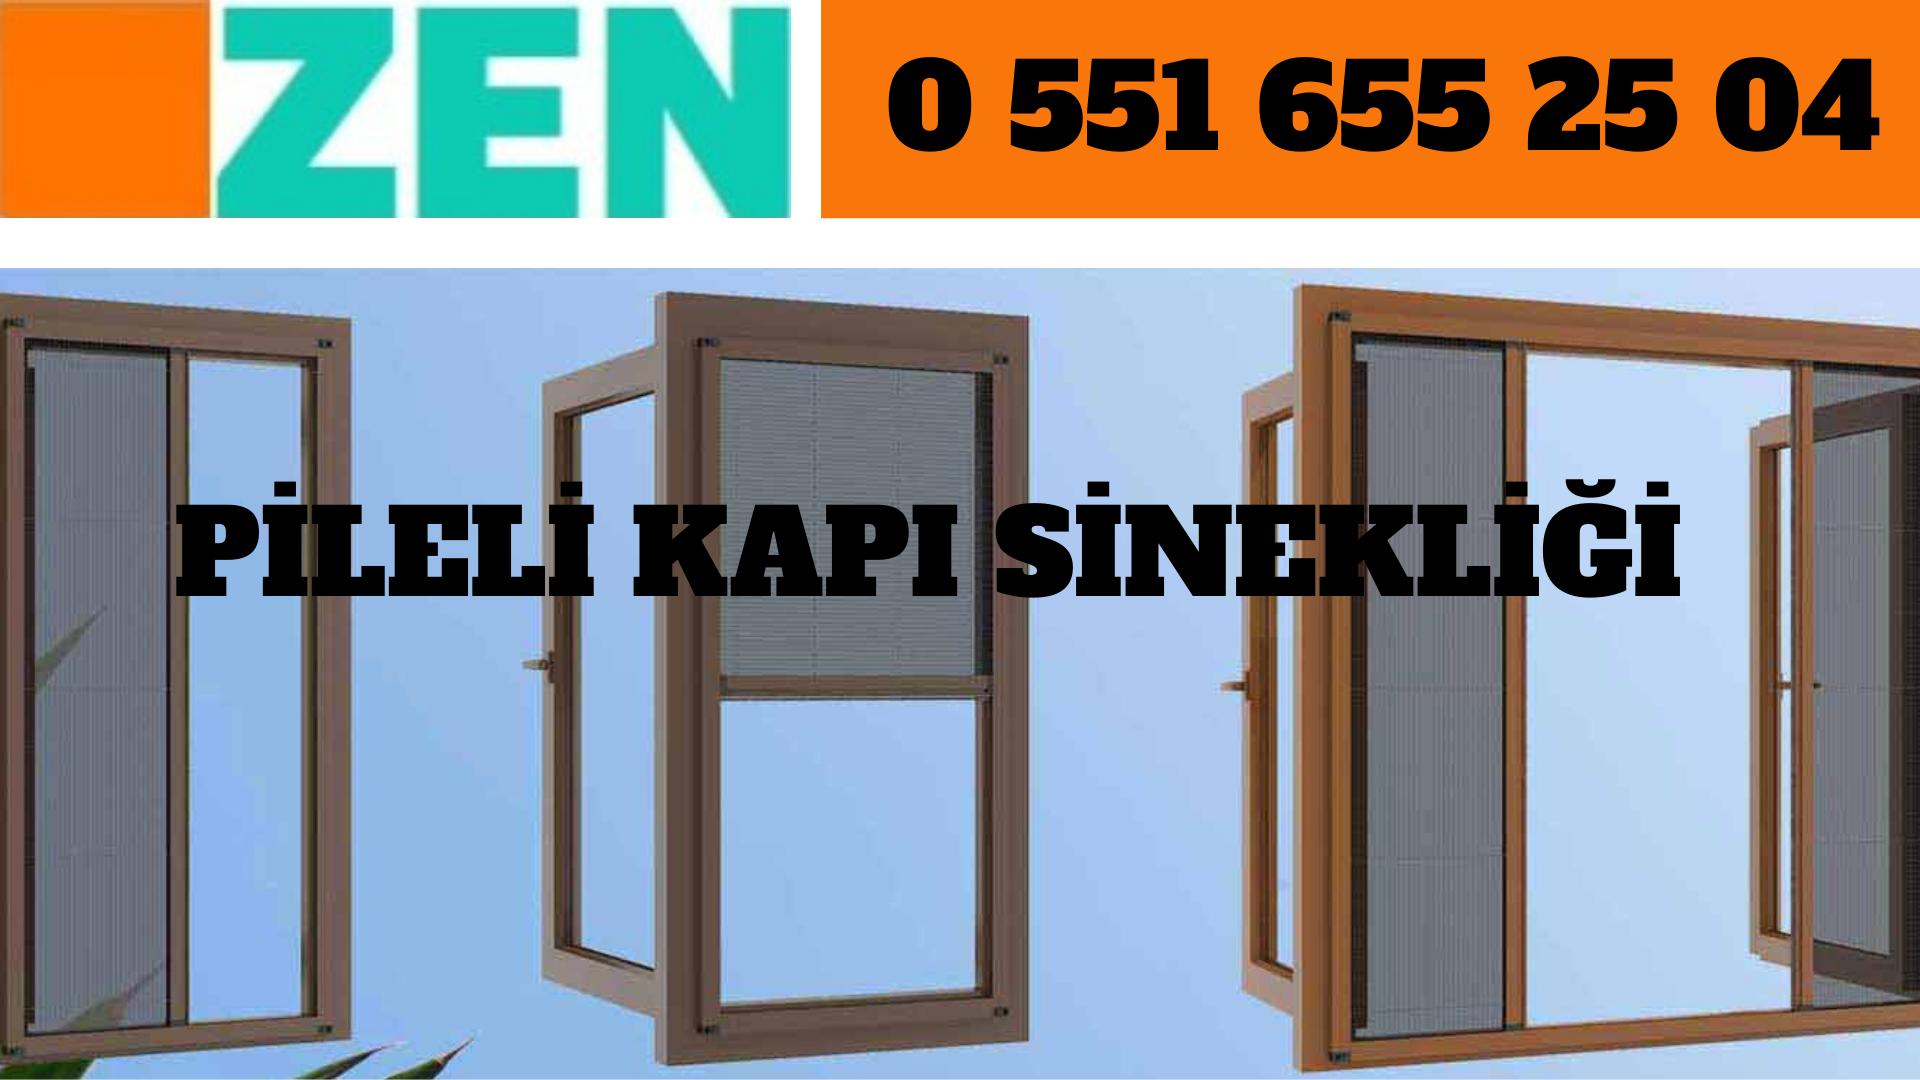 Pileli kapı sinekliği İzmir